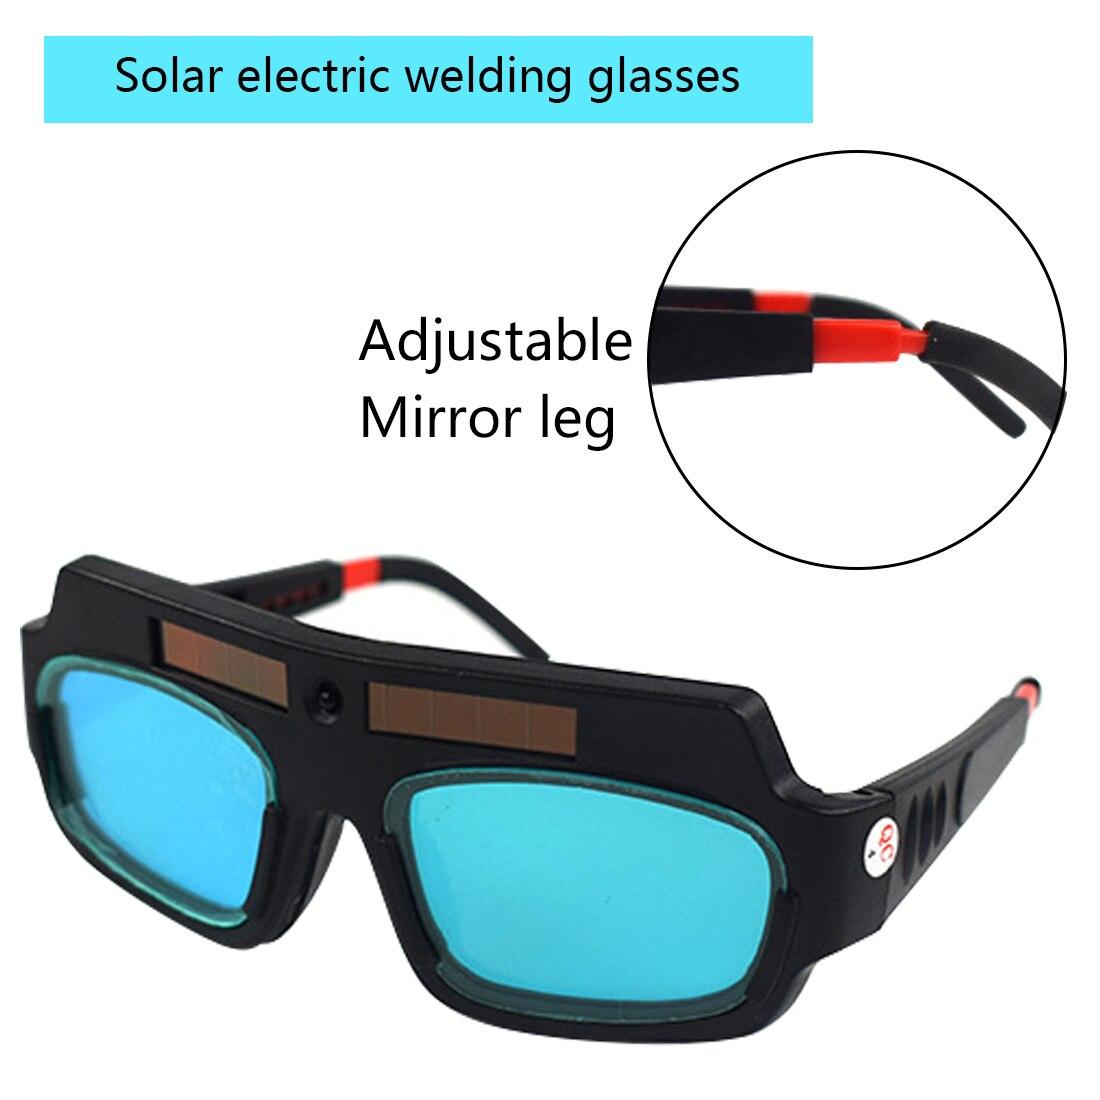 Welding Protective Glasses Auto-darkening Welding Glasses 1pc Solar Powered Auto Darkening Welding Helmet Mask Welding Glass